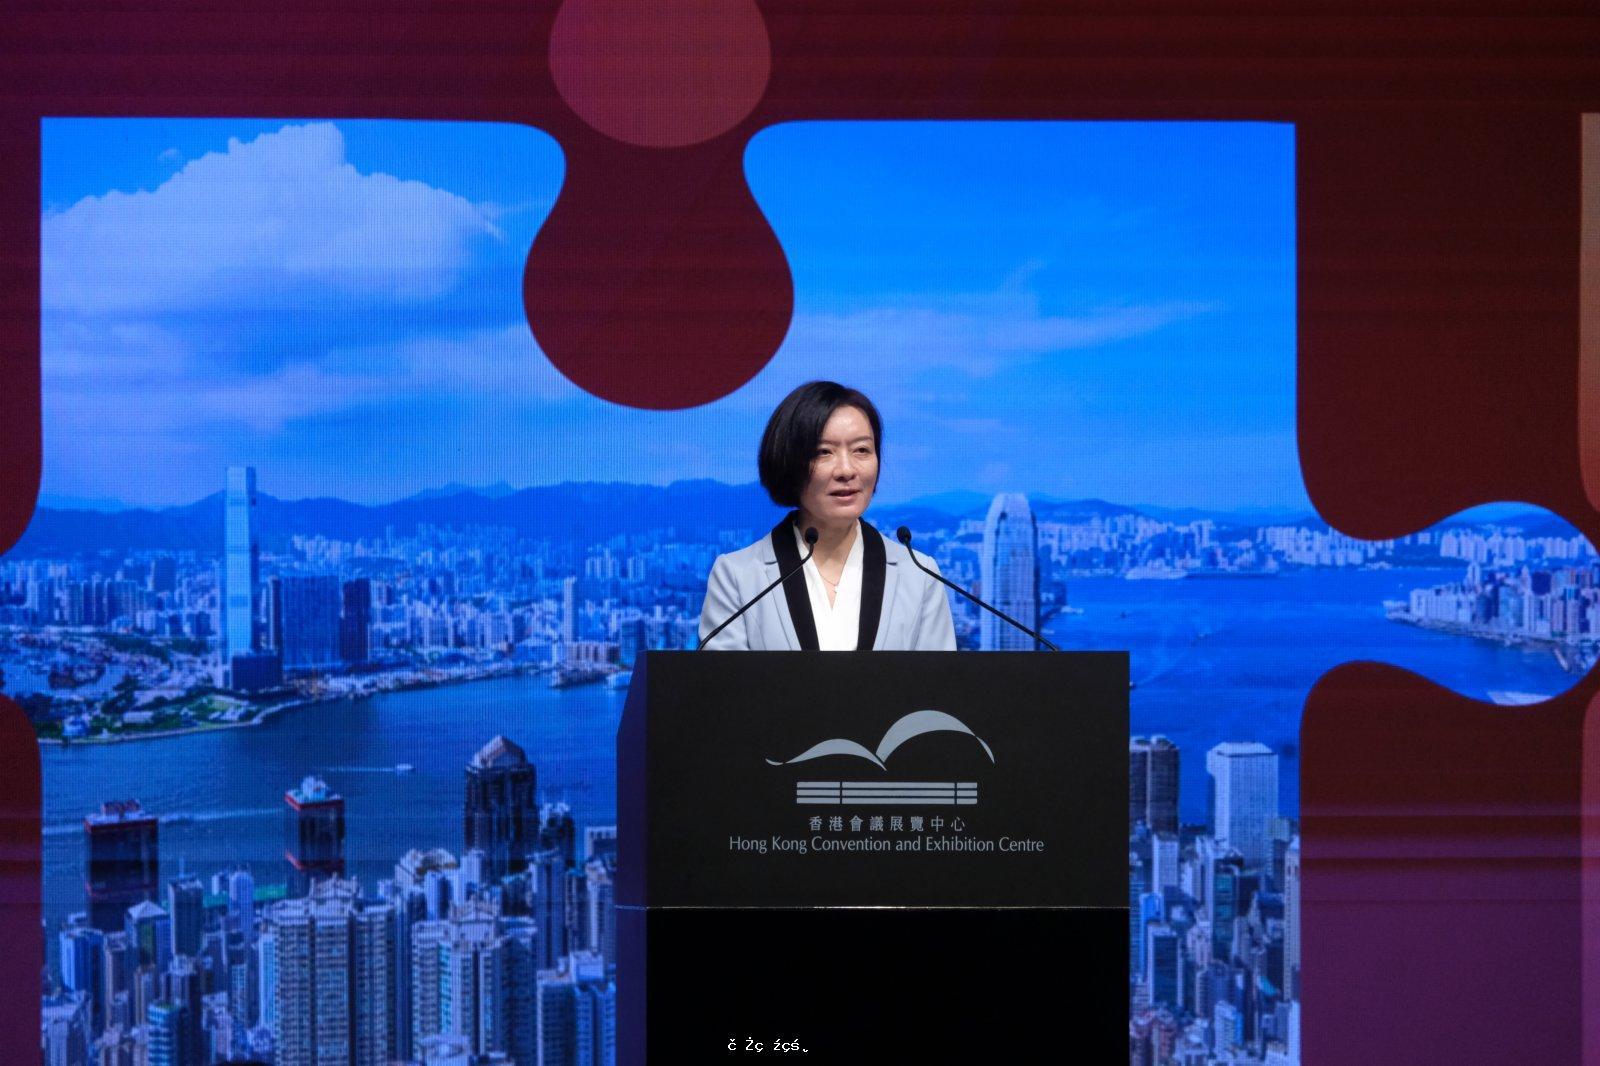 盧新寧:讓「文化」成為香港未來發展關鍵詞